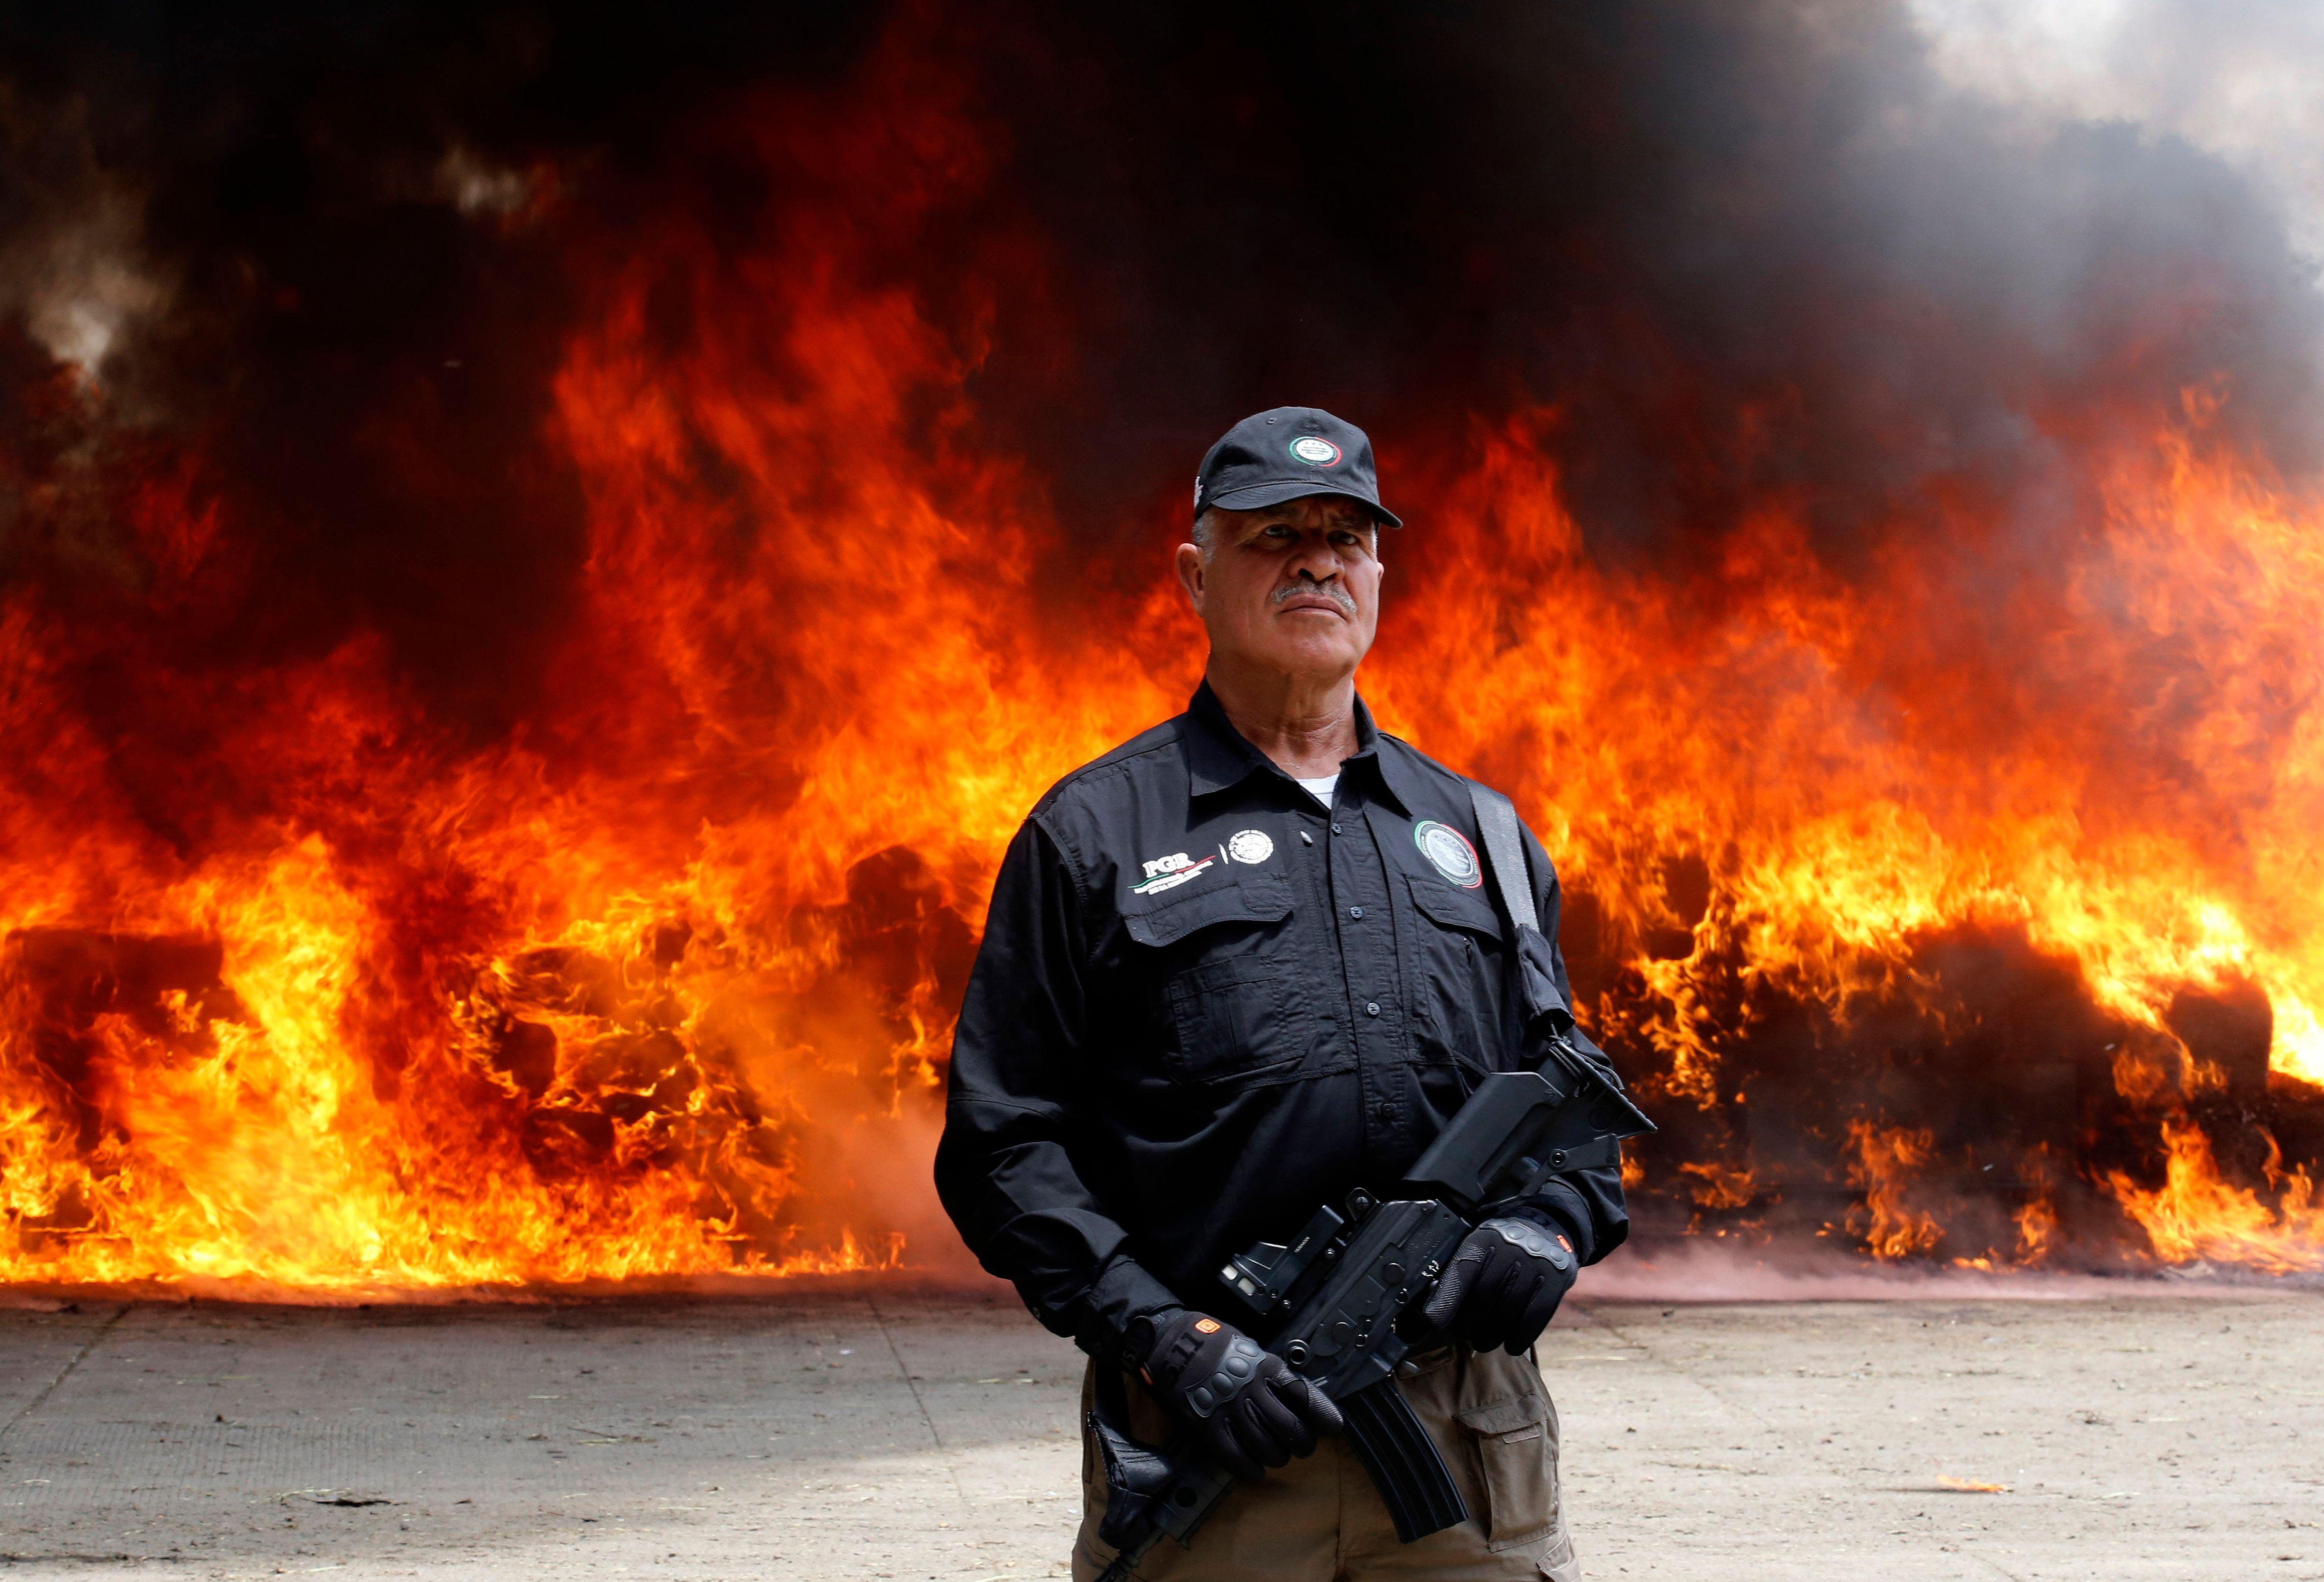 أحد رجال الأمن يلتقط صورة مع الحريق